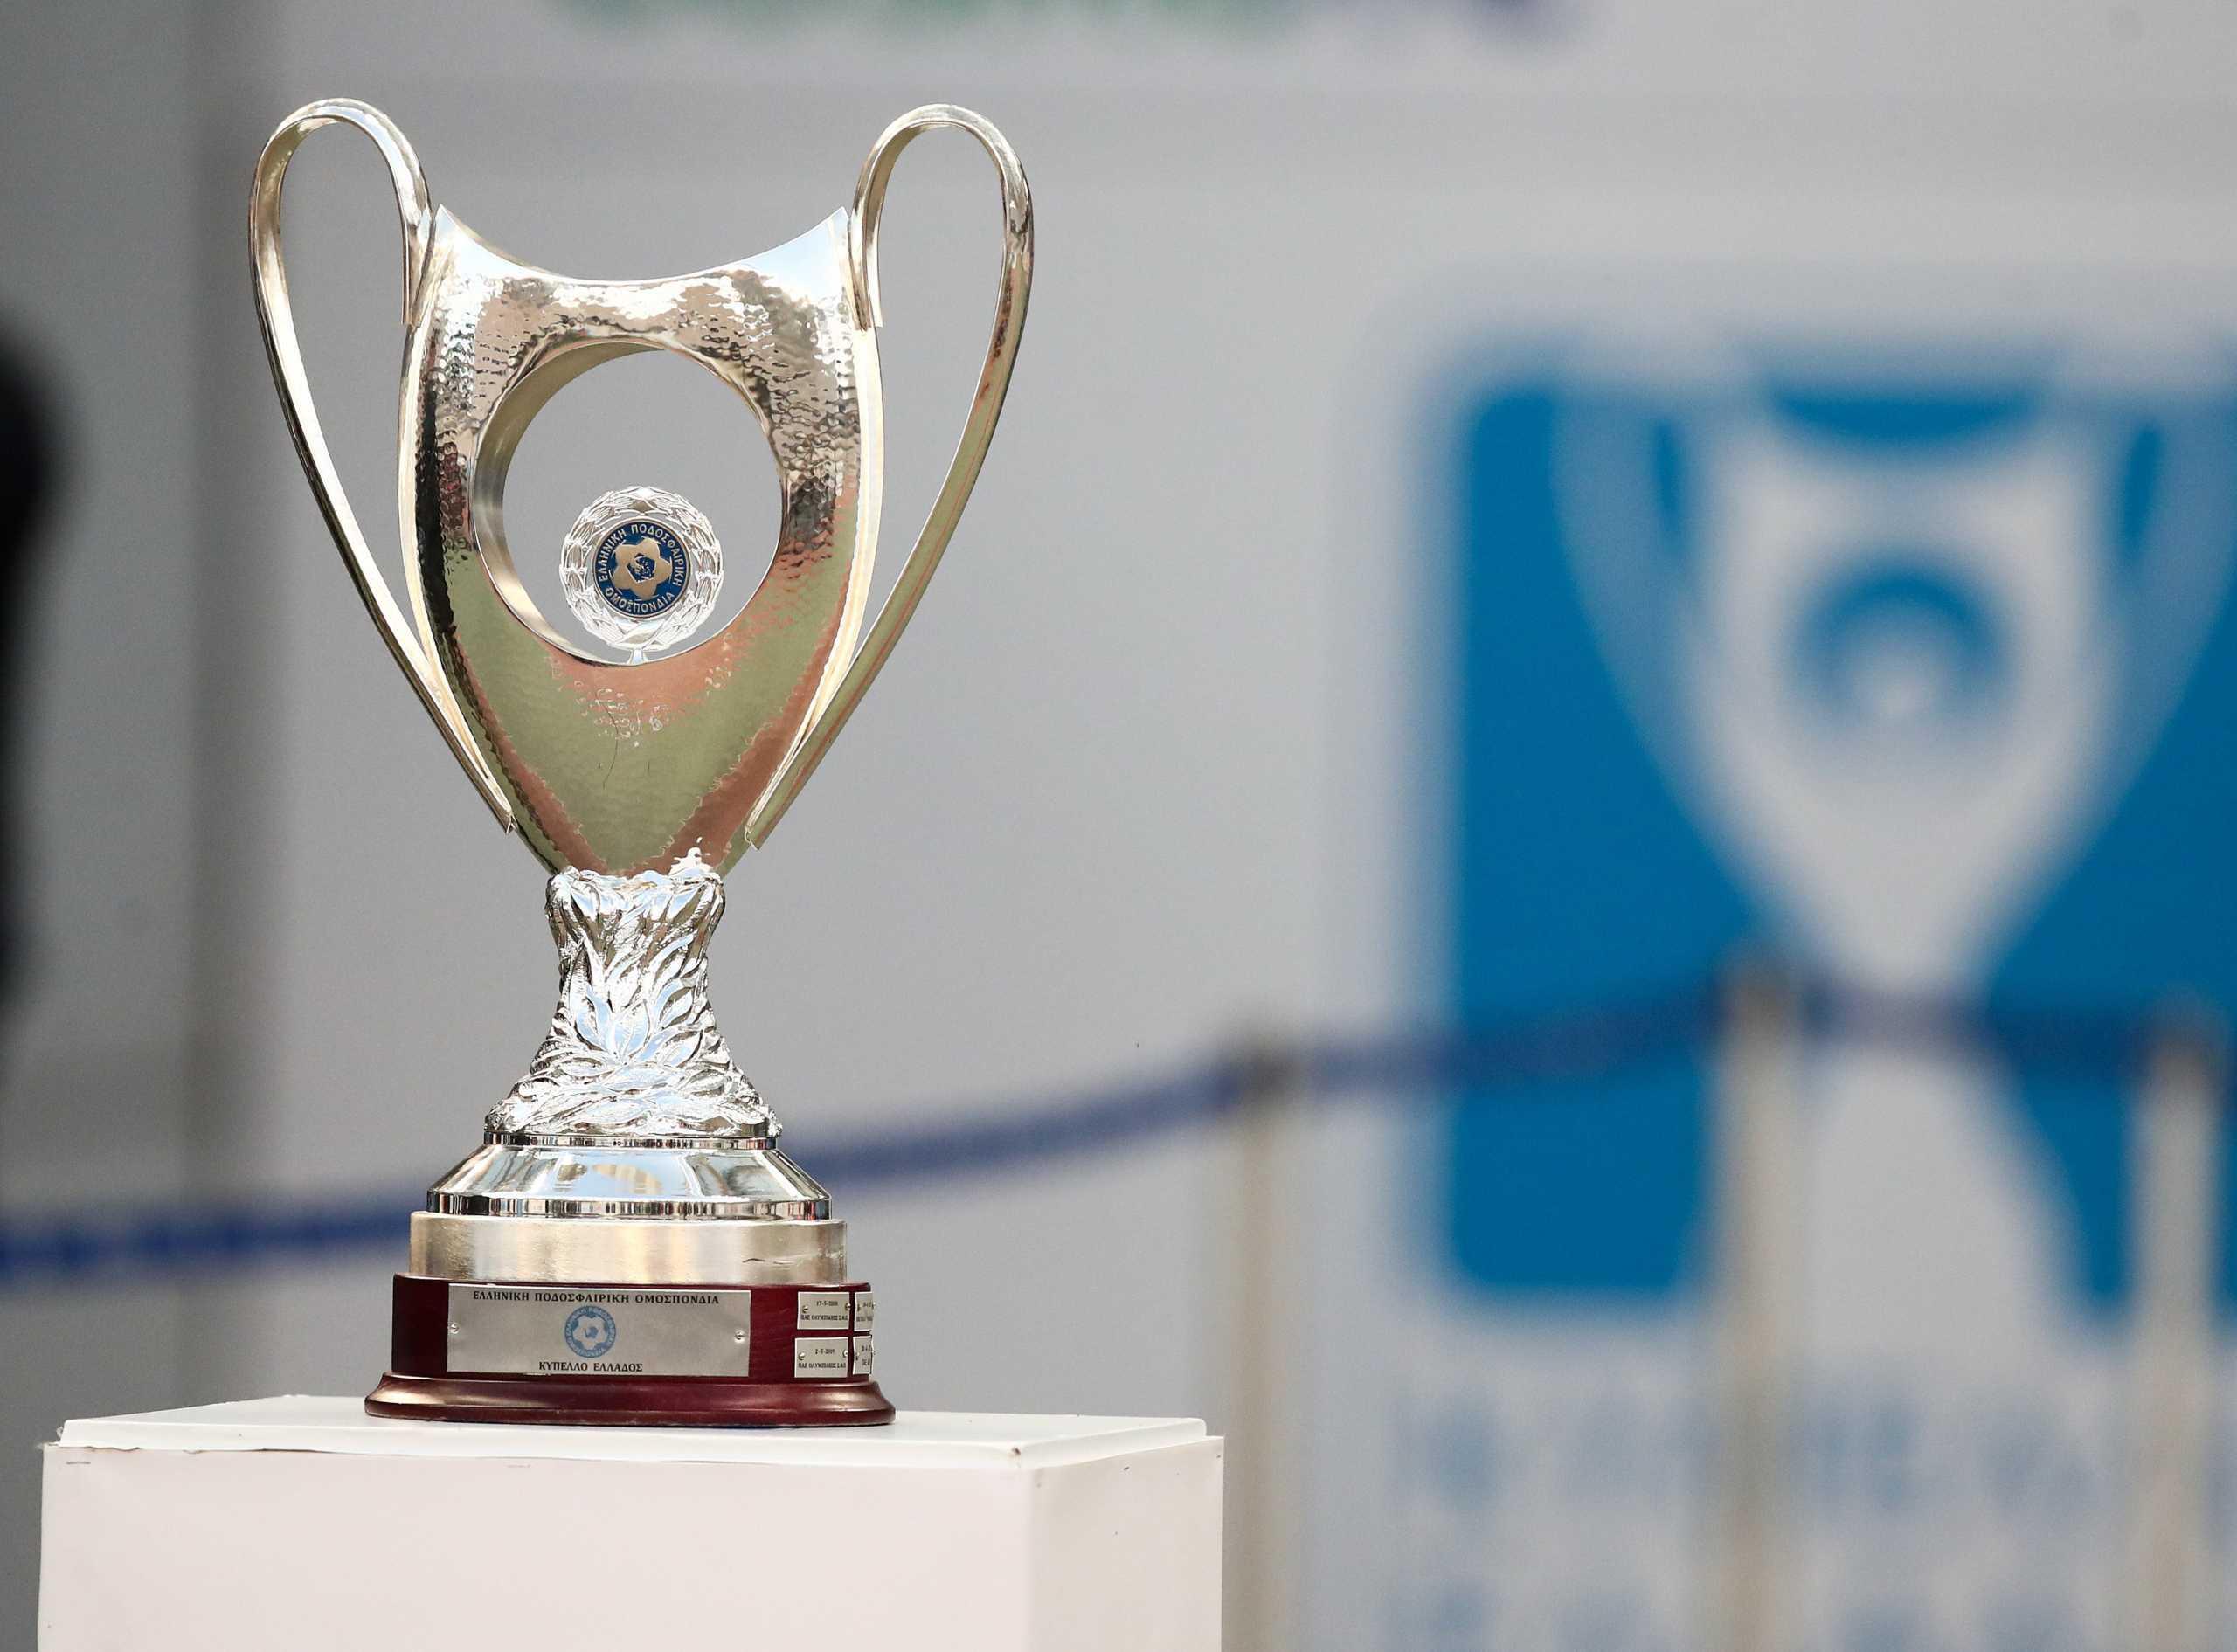 Το πρόγραμμα για τις ρεβάνς στο Κύπελλο Ελλάδας